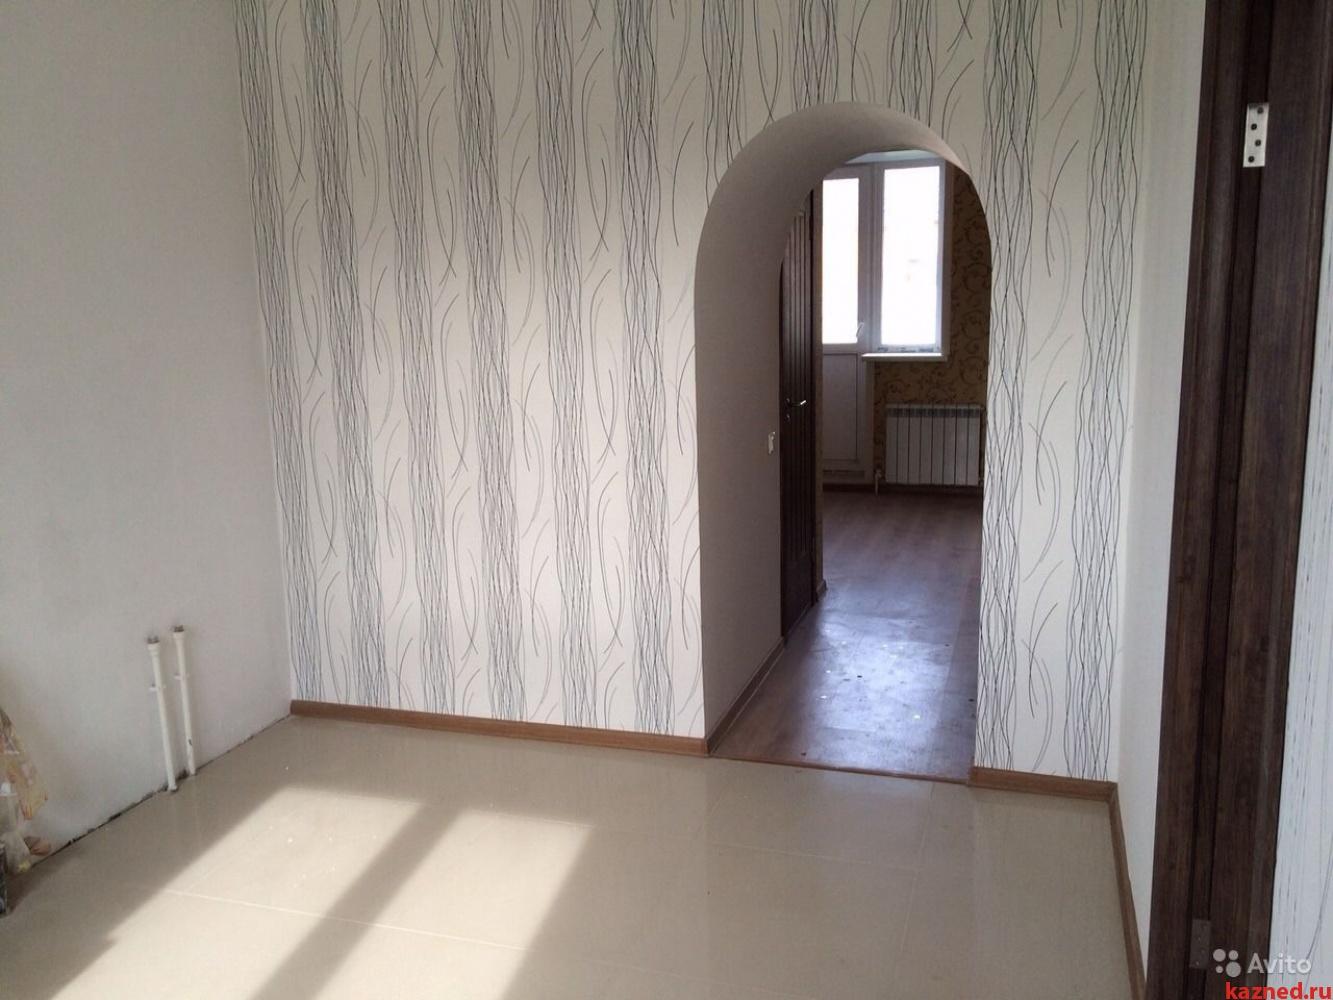 Продажа  дома Северный, Литвинова, 82 м²  (миниатюра №4)